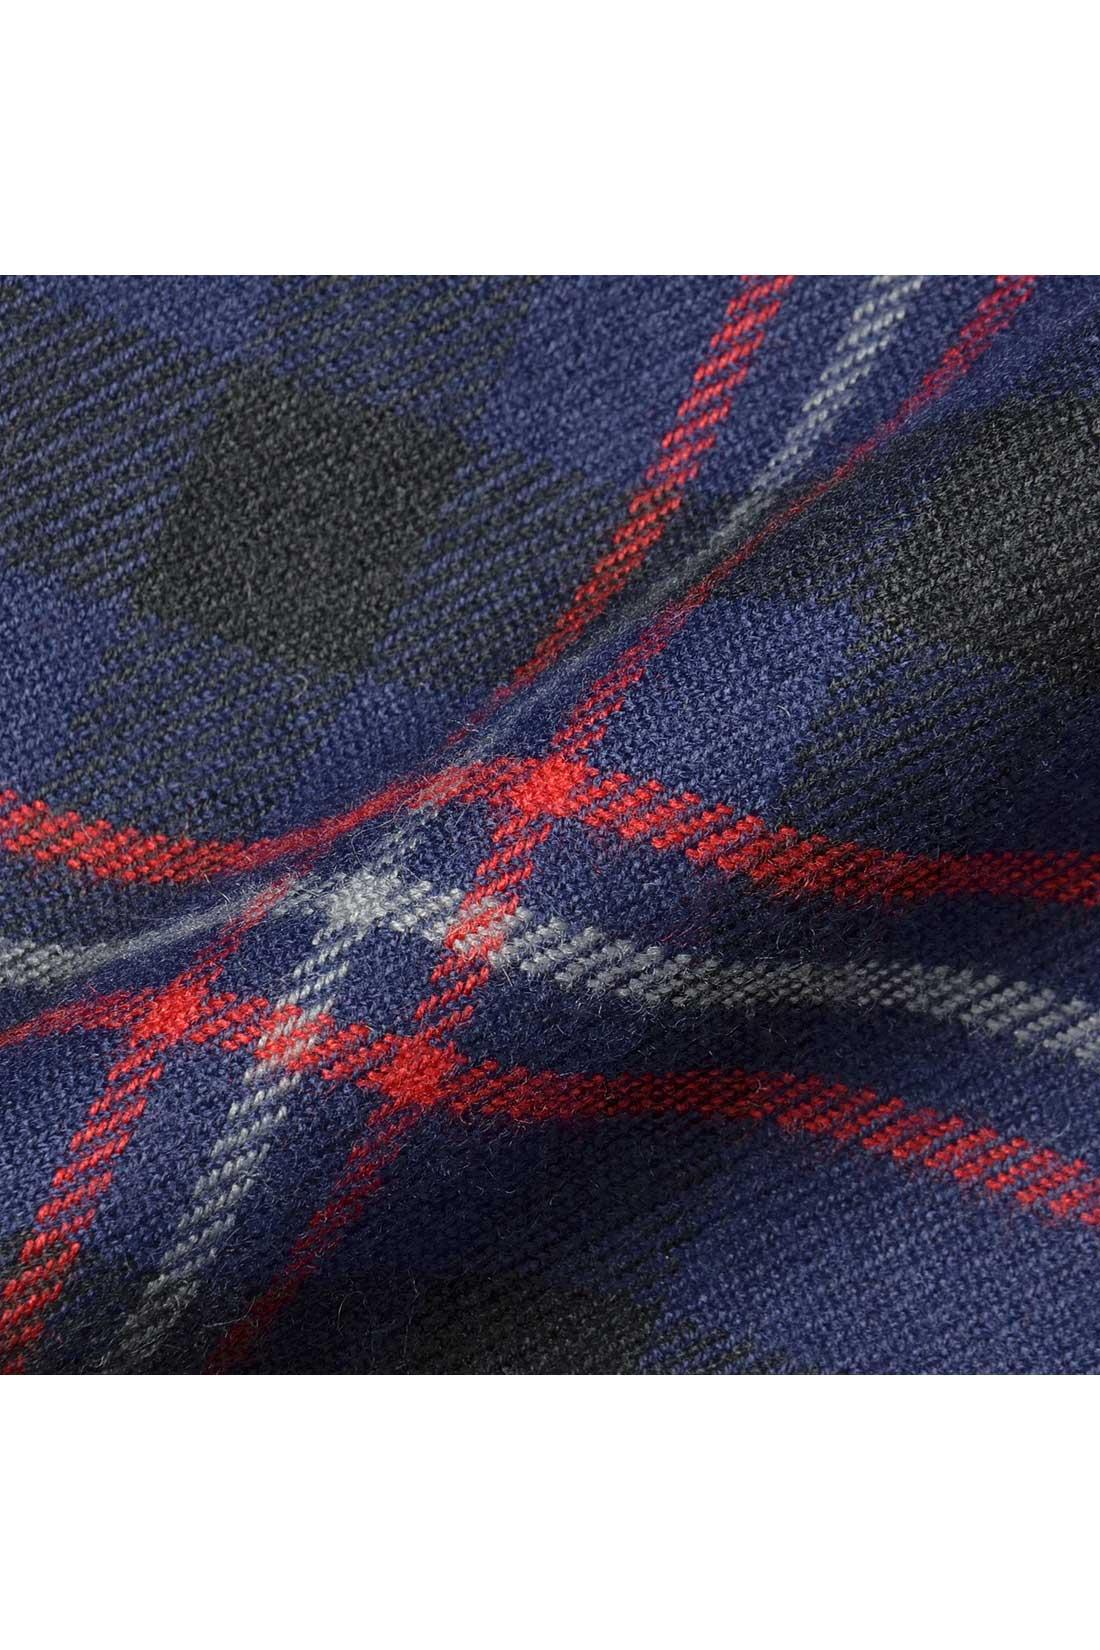 スカート部分は先染めのチェックを使用。